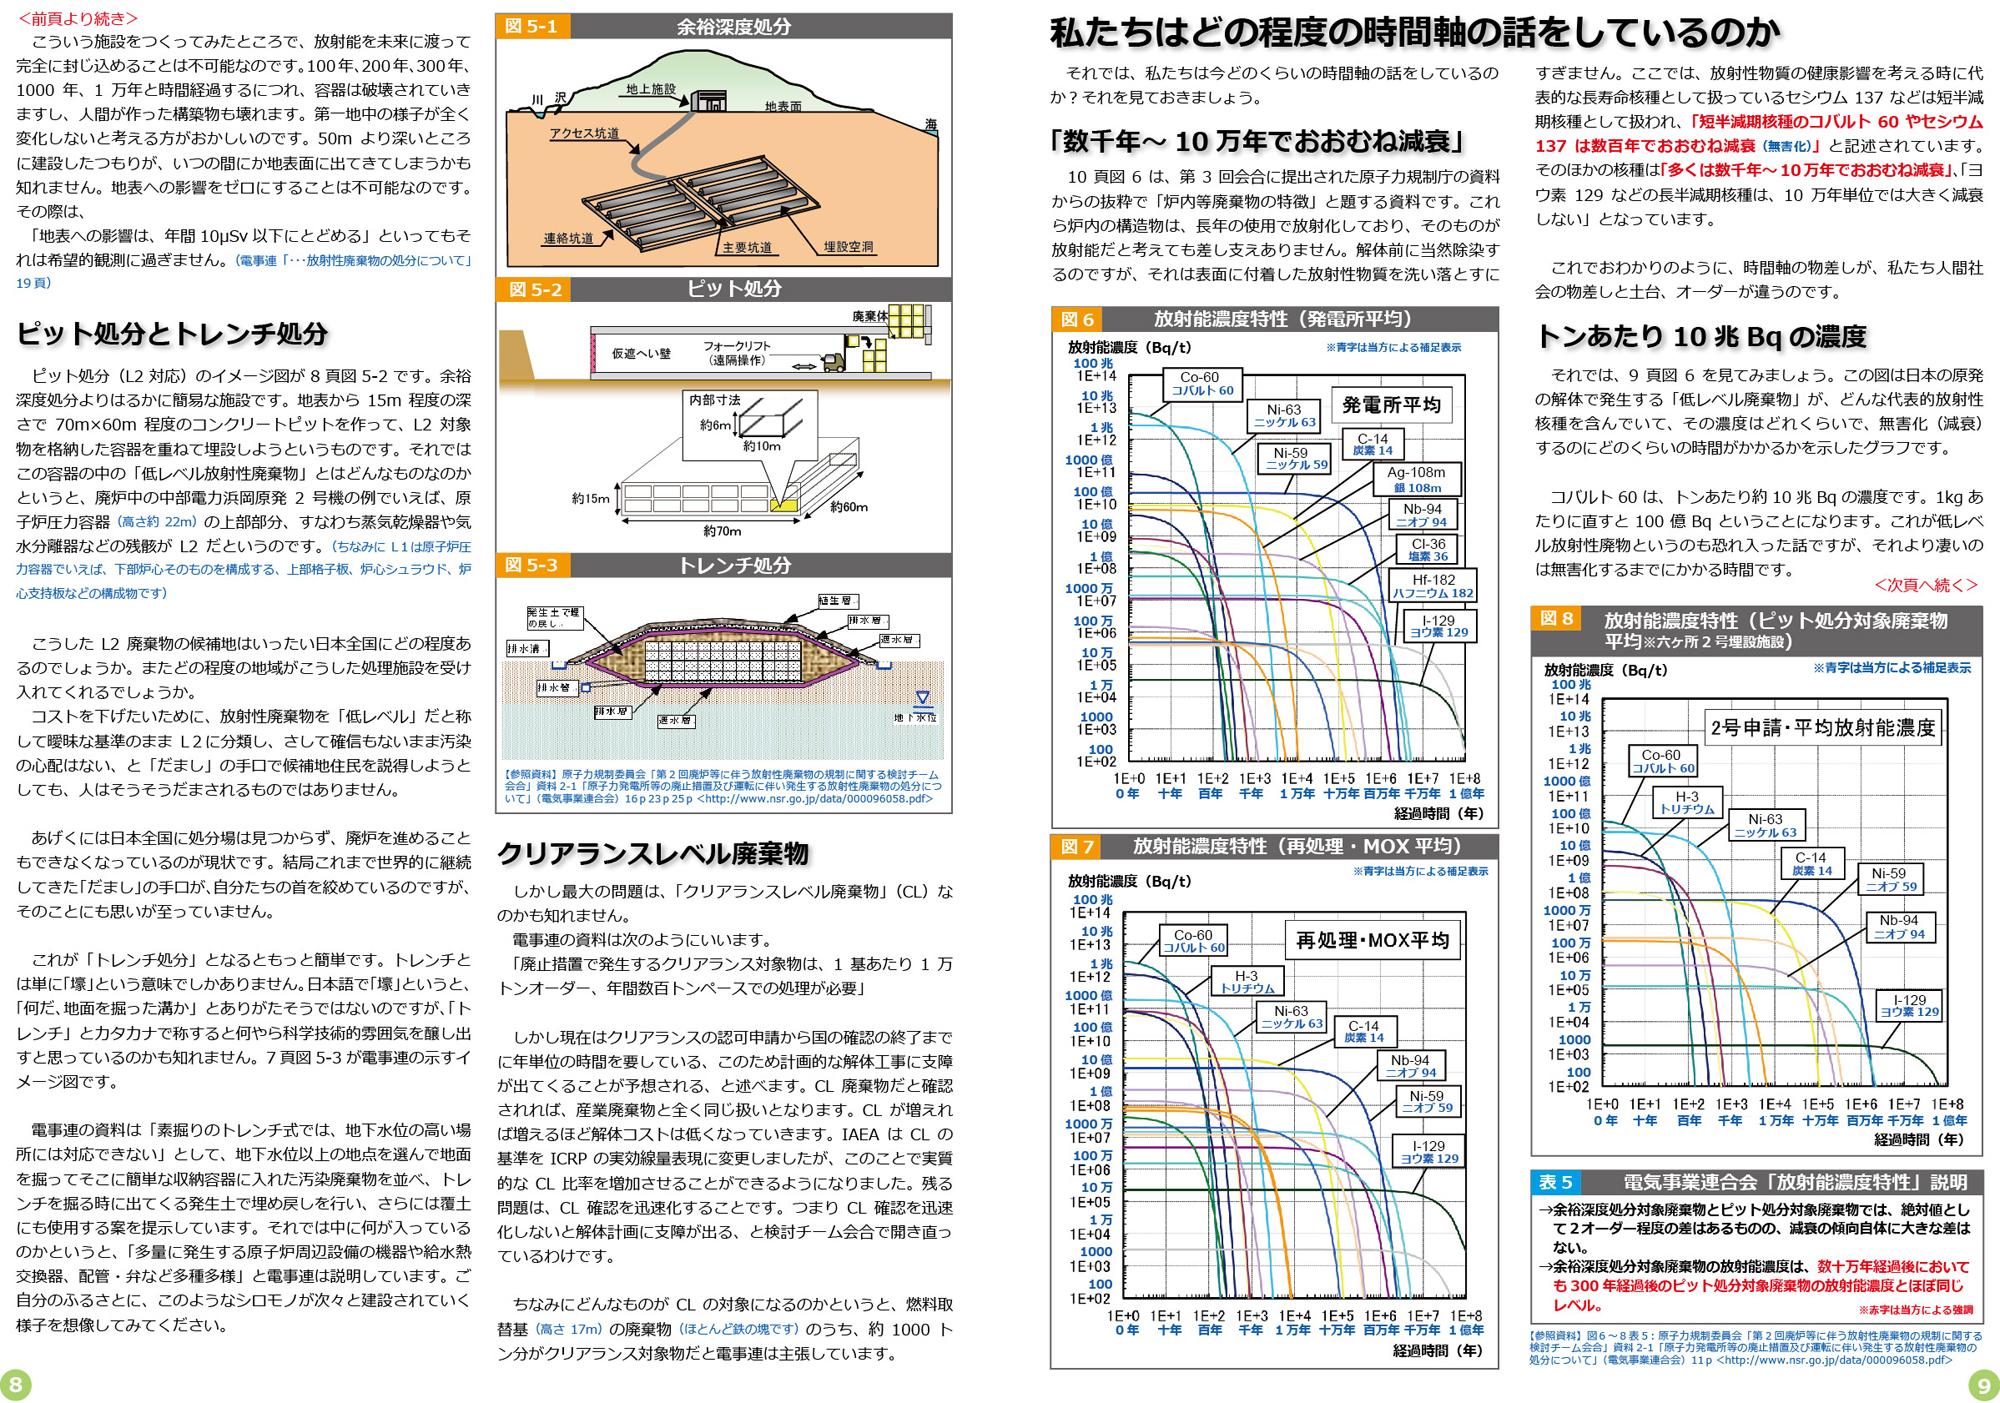 ファイル 425-5.jpg